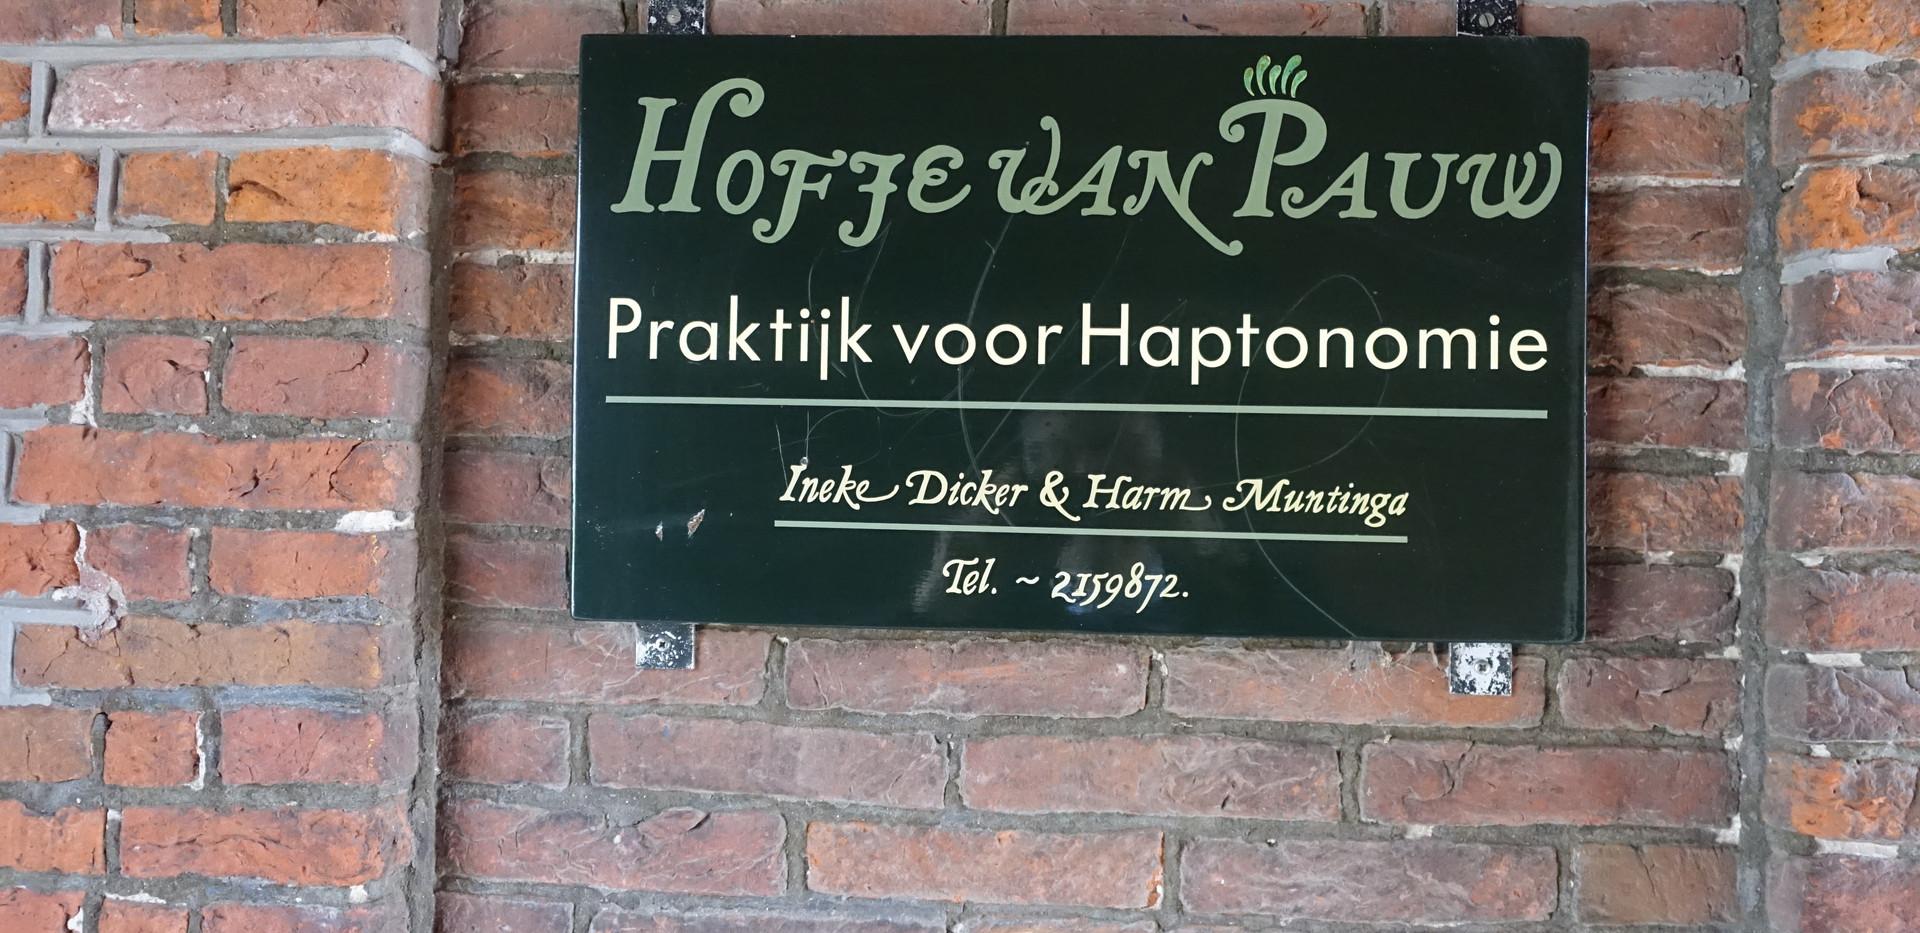 Delft Hofjesberaad 14-04-2018-167.jpg